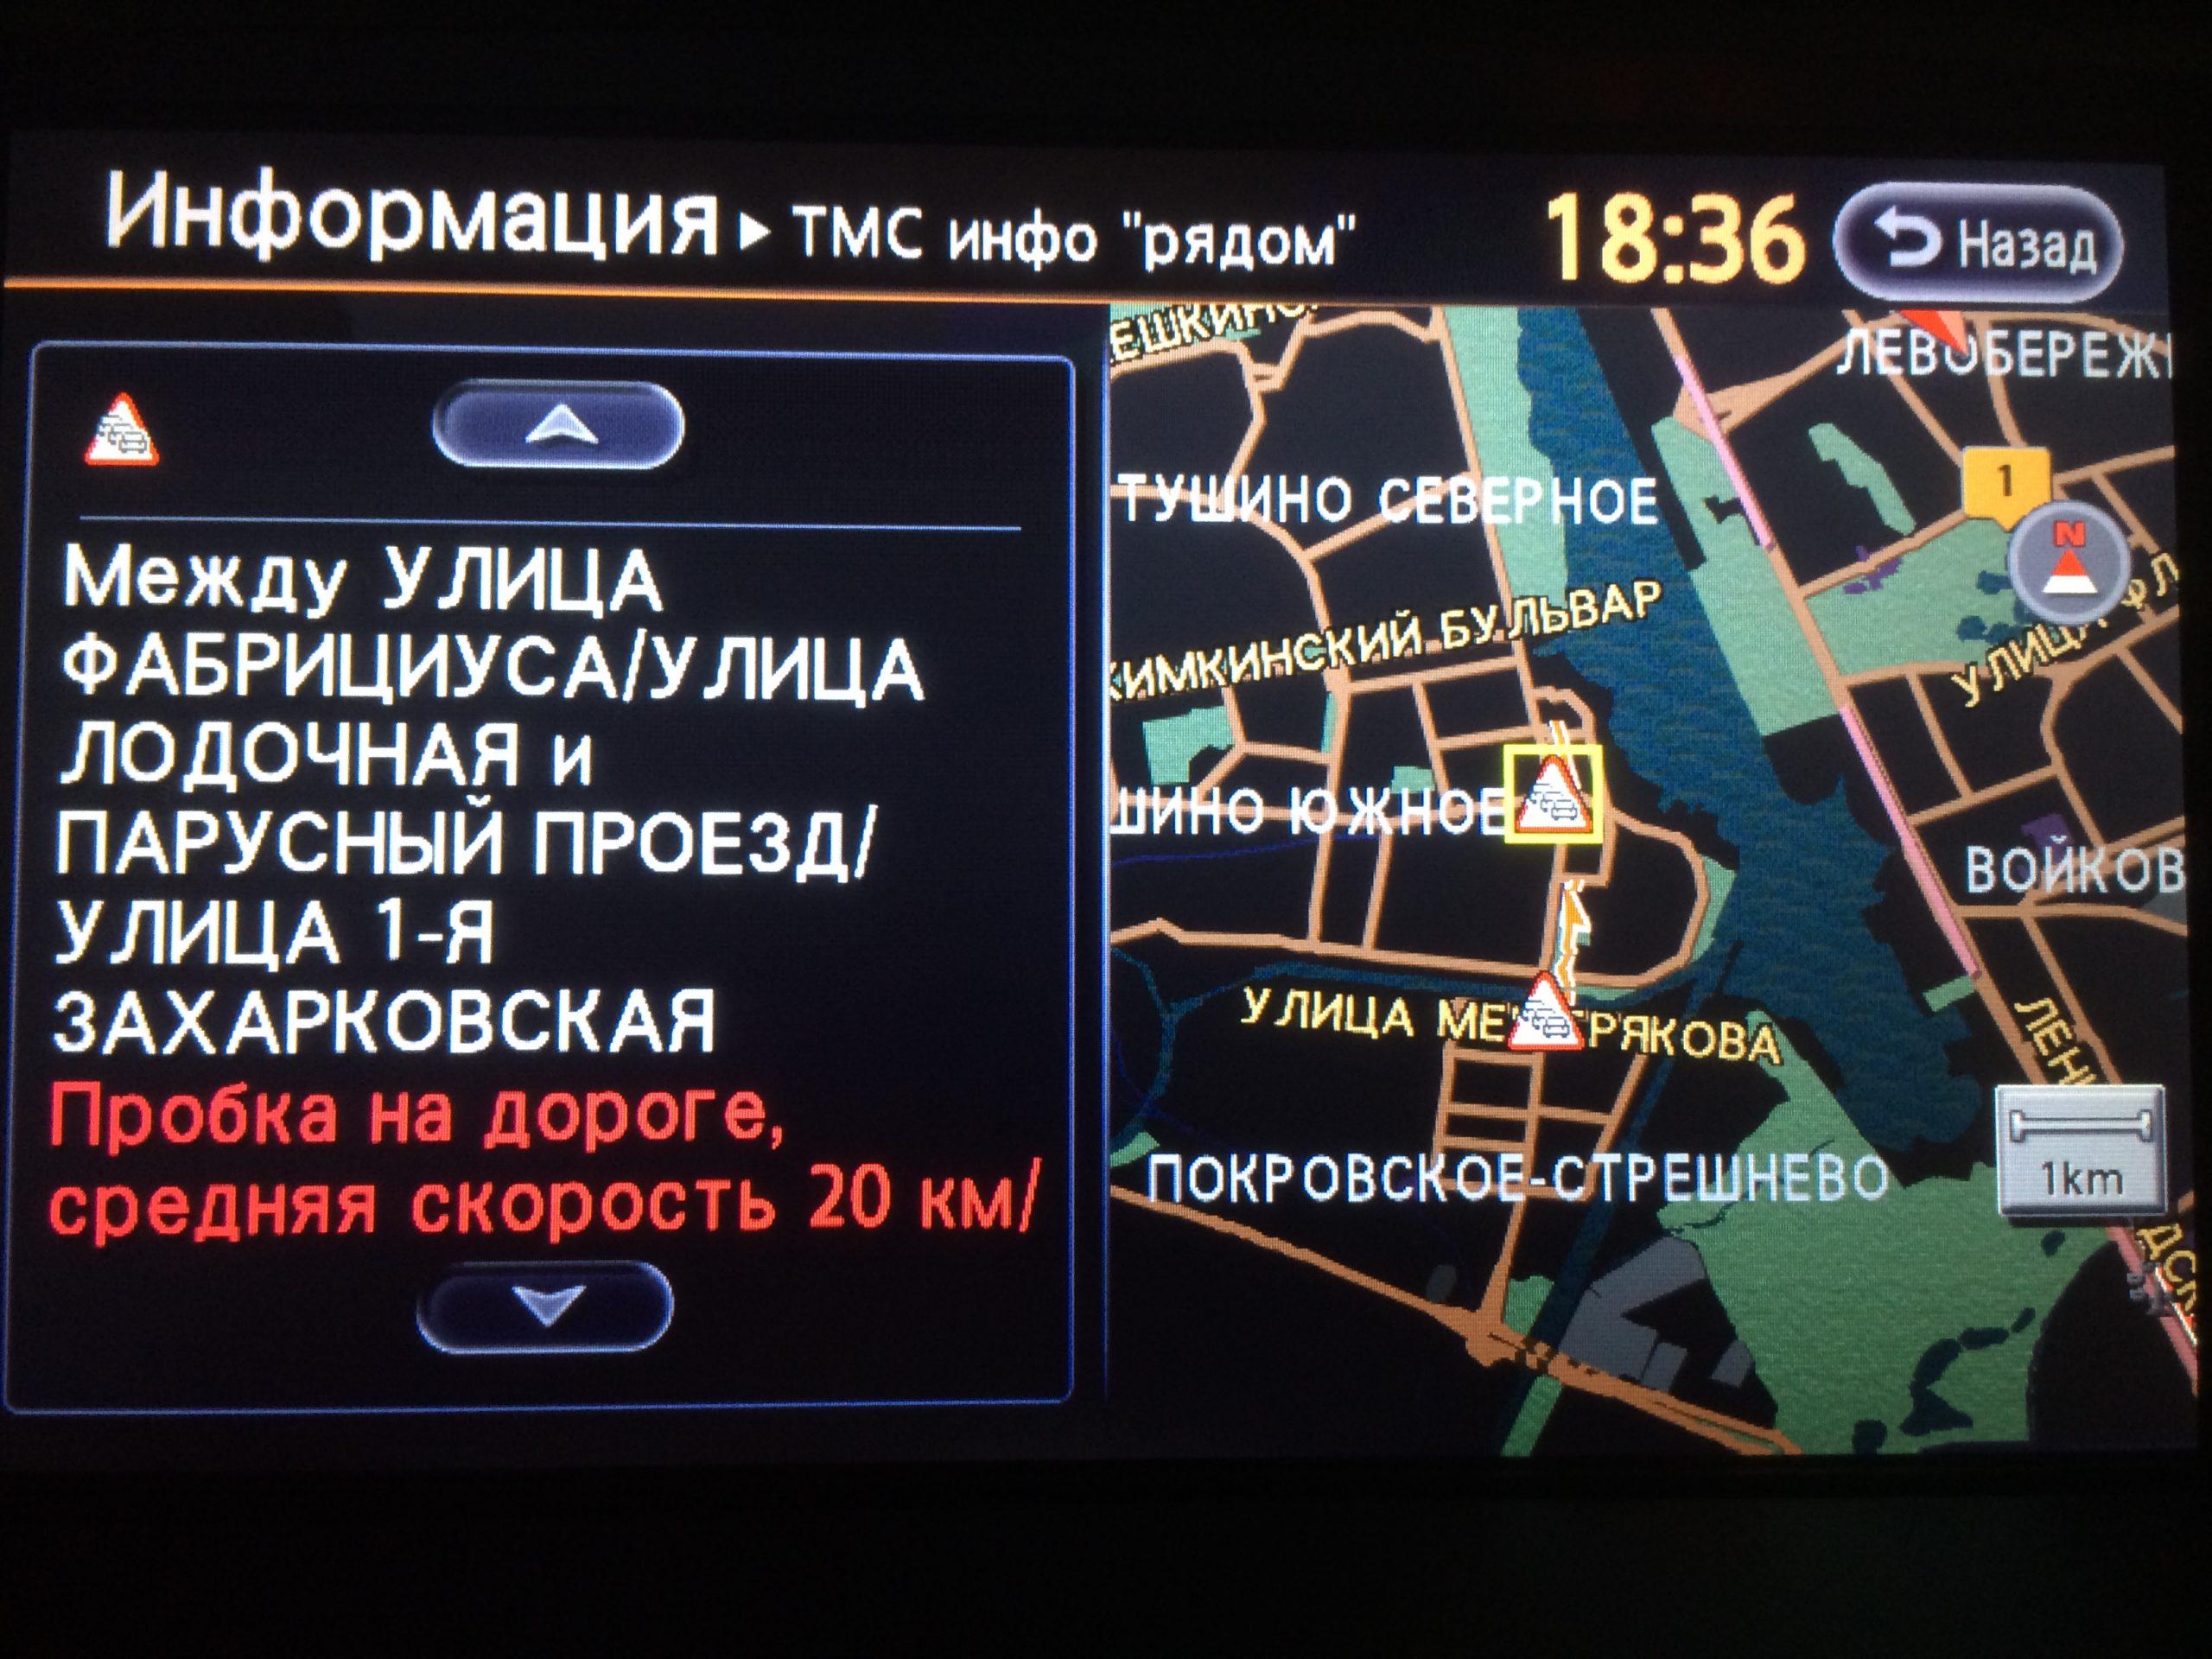 Информационное поле о пробках на маршруте